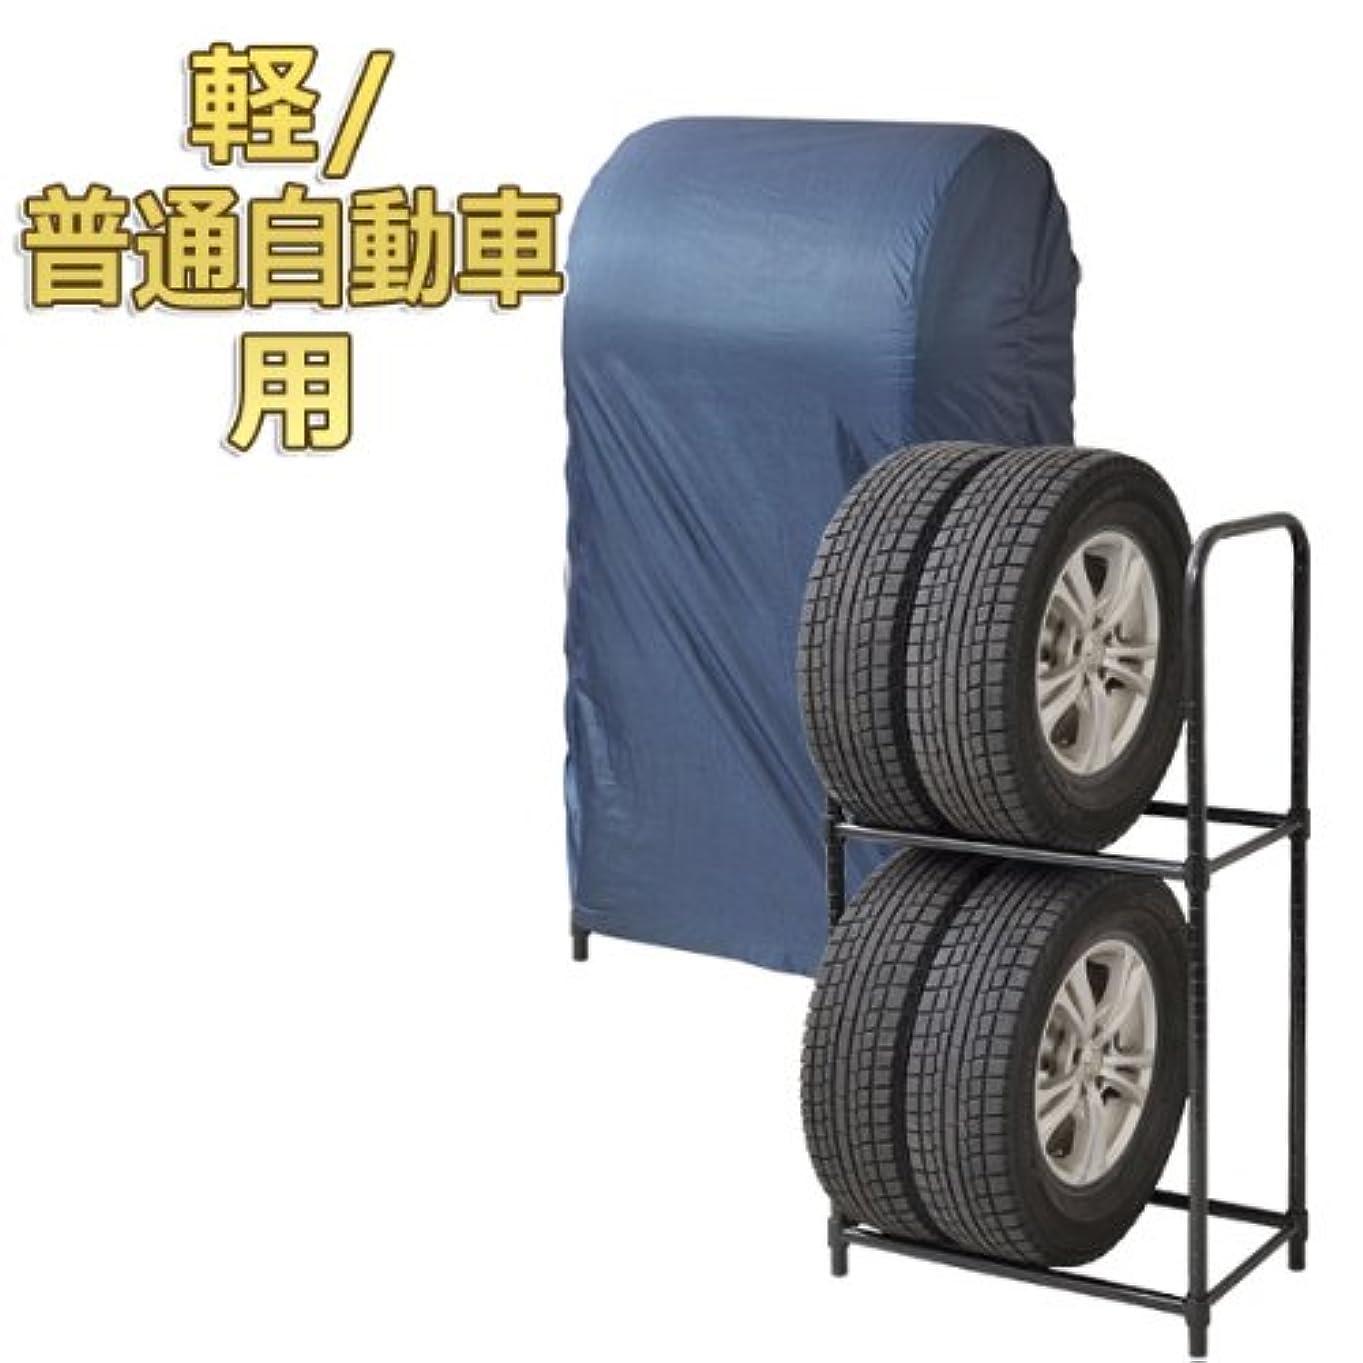 遺体安置所独裁許される山善 ガーデンマスター タイヤ収納ラックM 軽/普通自動車用 YTRM-612C